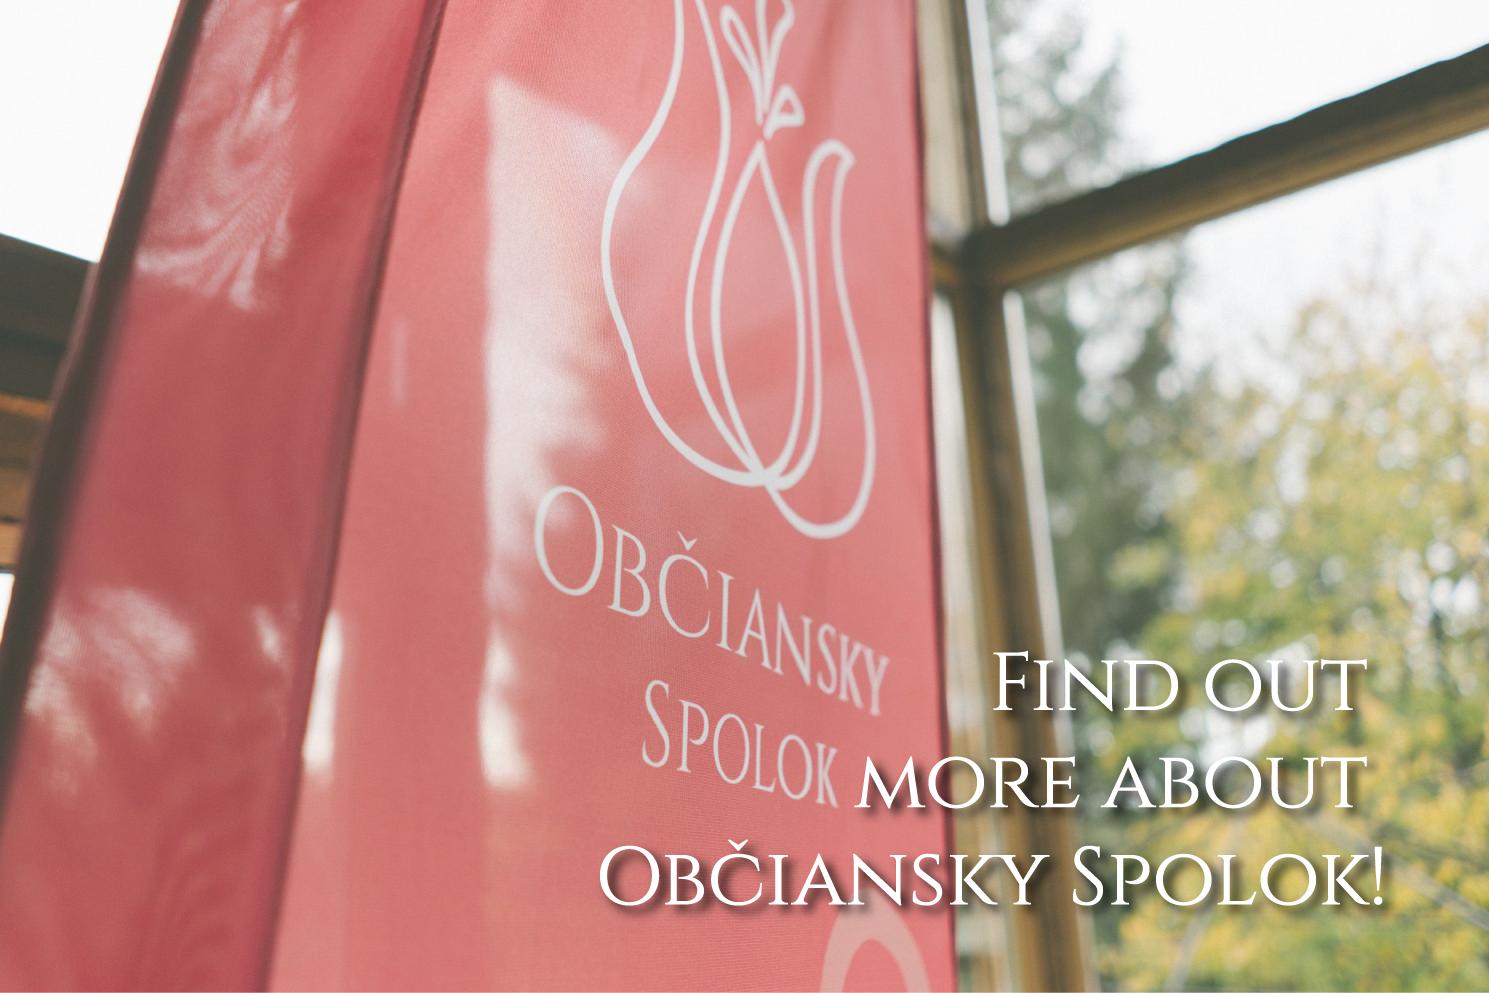 Find out more about Občiansky Spolok!